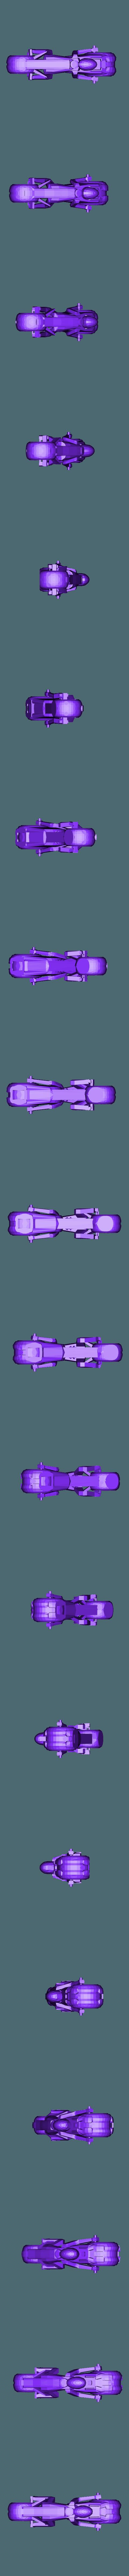 tron_bike_big.stl Télécharger fichier STL gratuit tron cycle de lumière • Design pour imprimante 3D, procreator3D